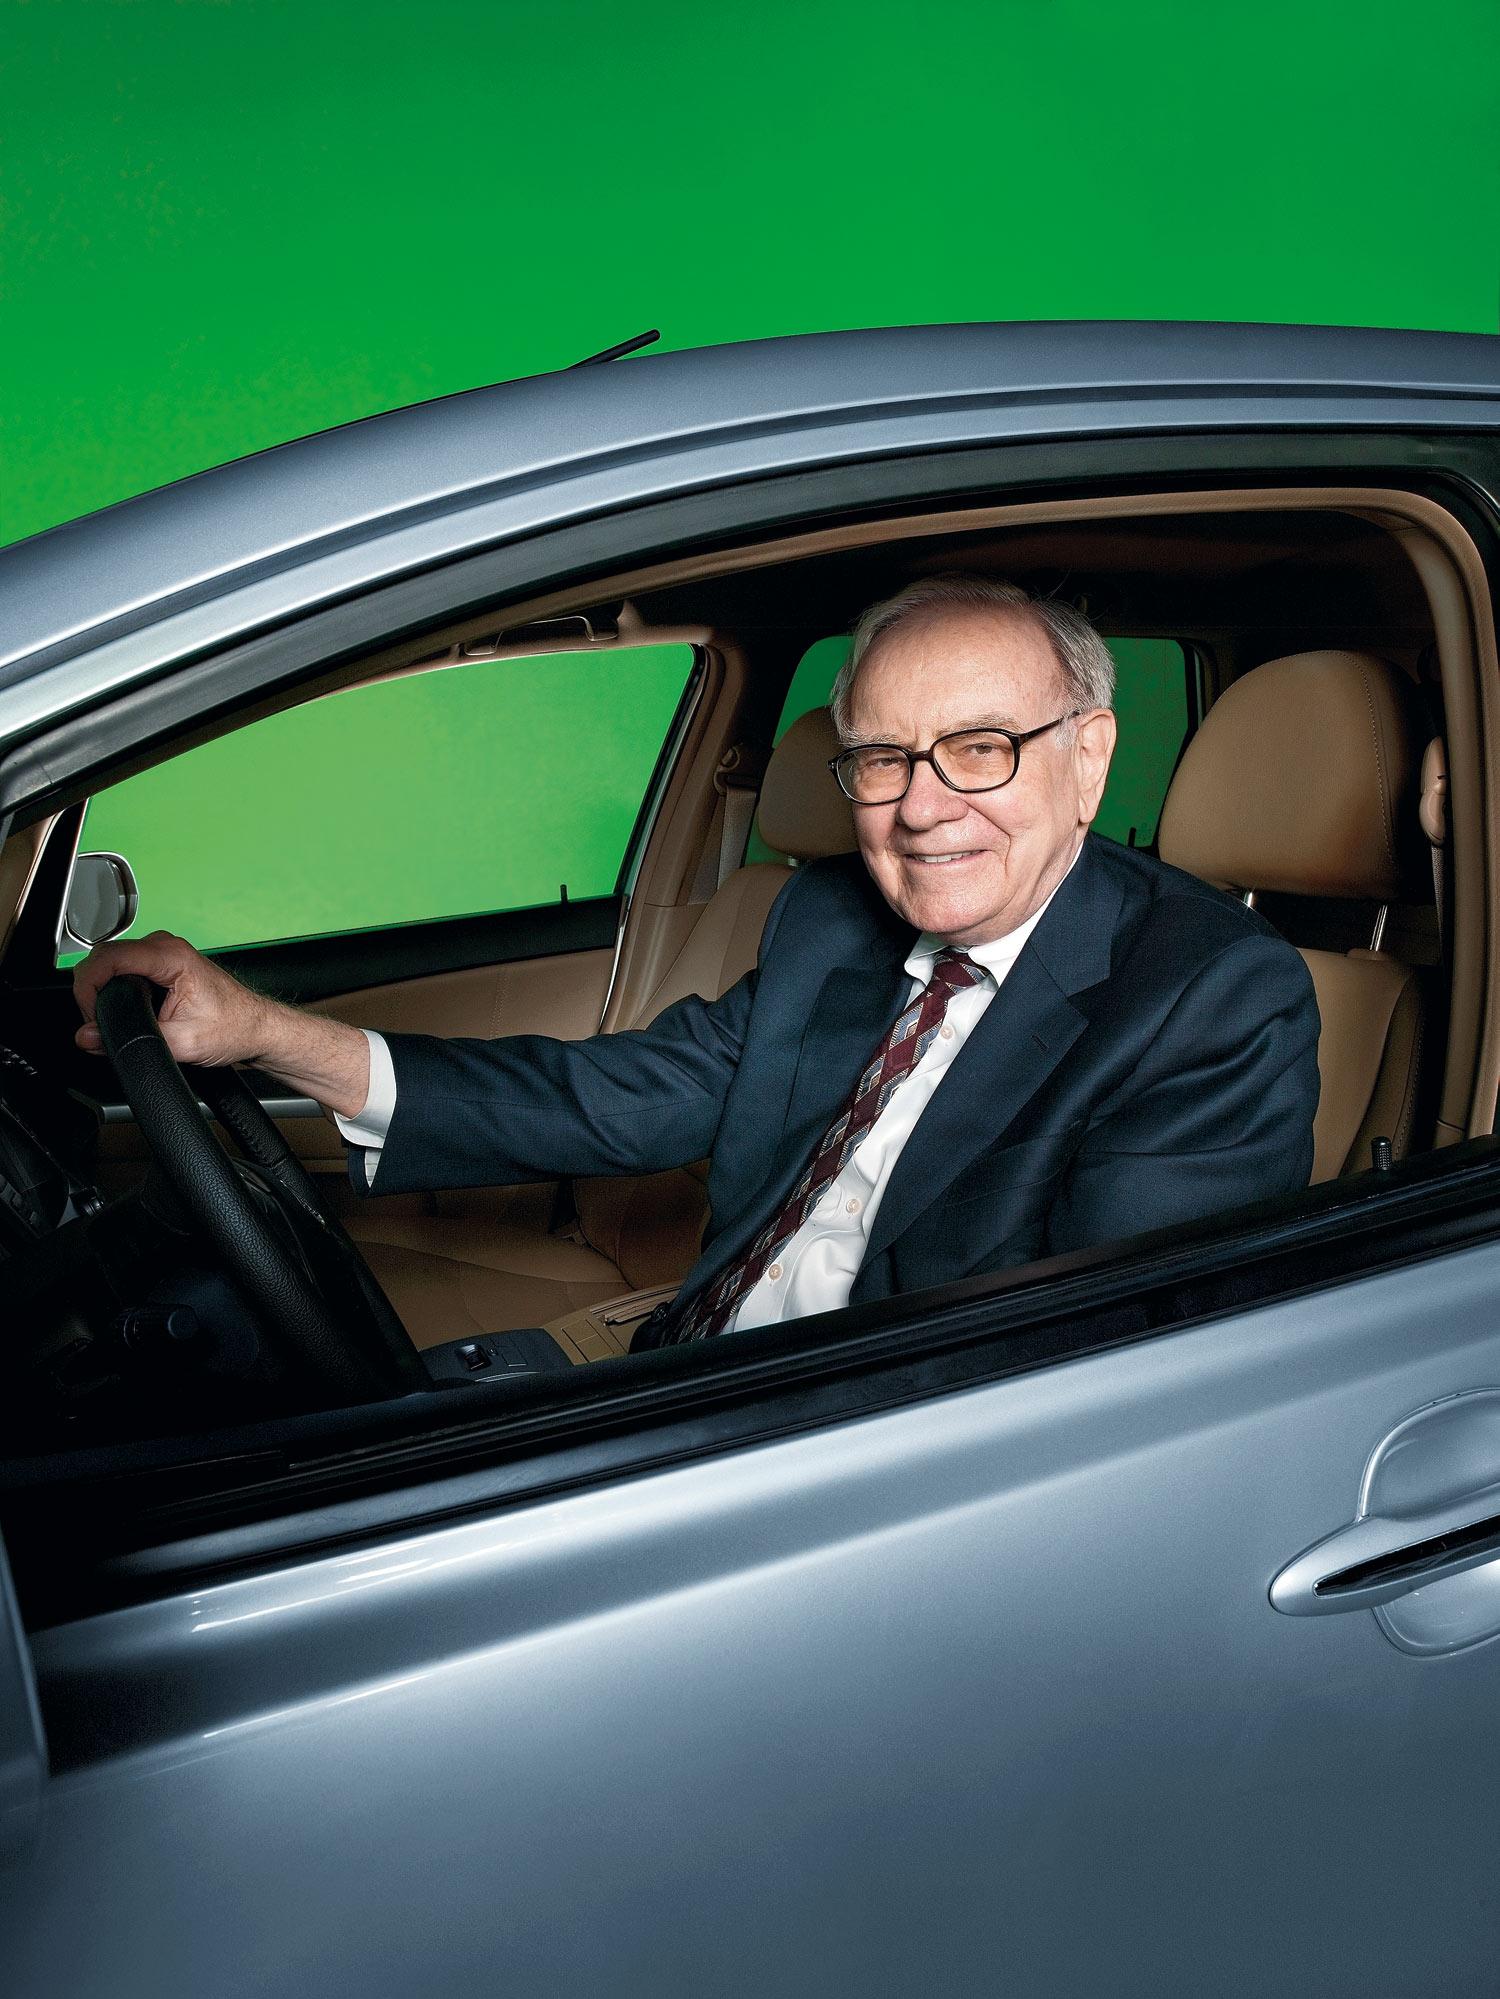 Warren Buffet sitting in a BYD car in Omaha Nebraka.